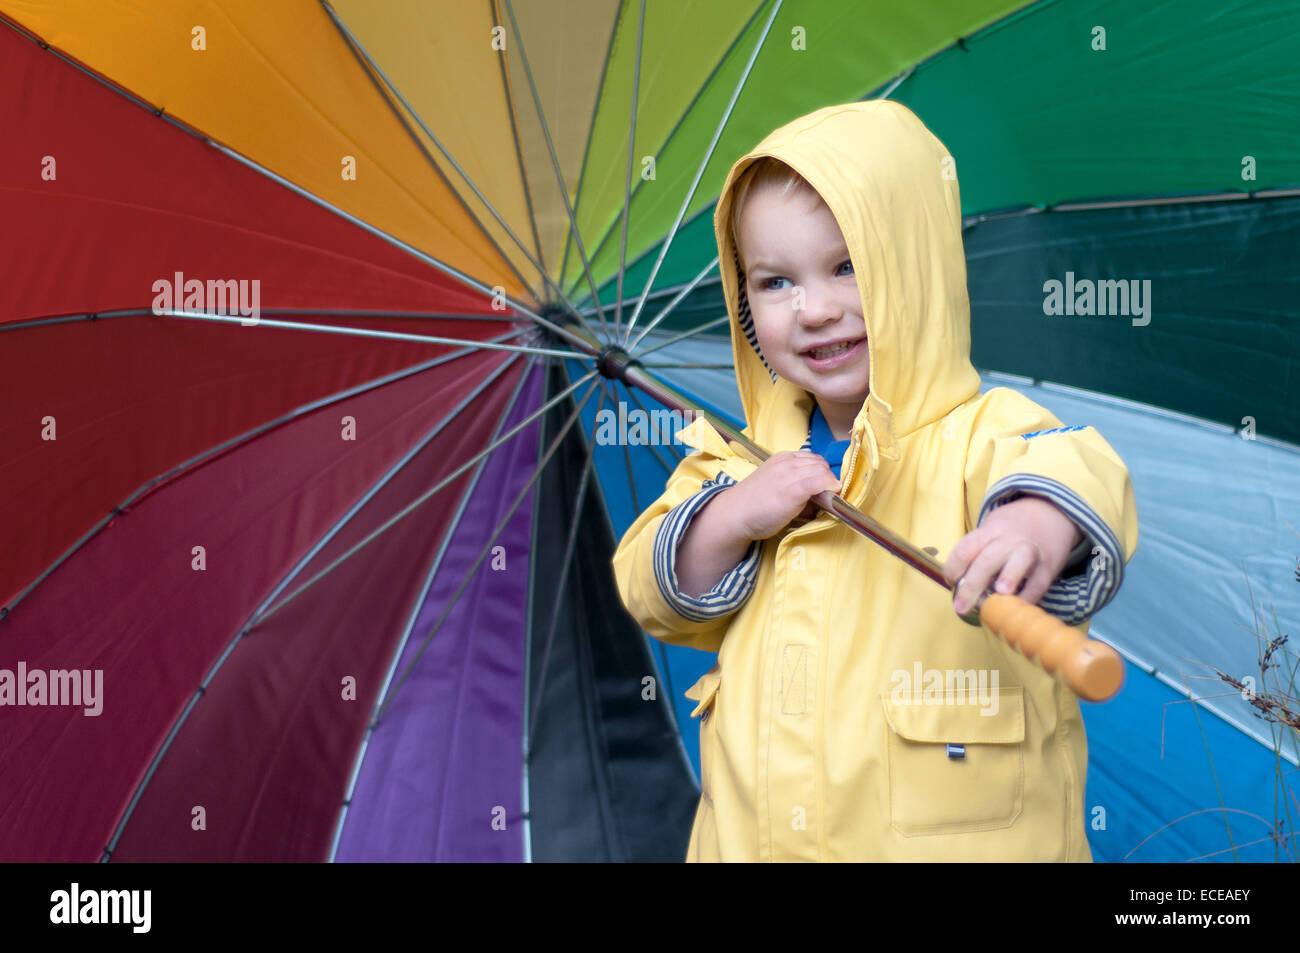 Ragazzo con un cappotto di pioggia azienda multi-ombrello colorato Immagini Stock